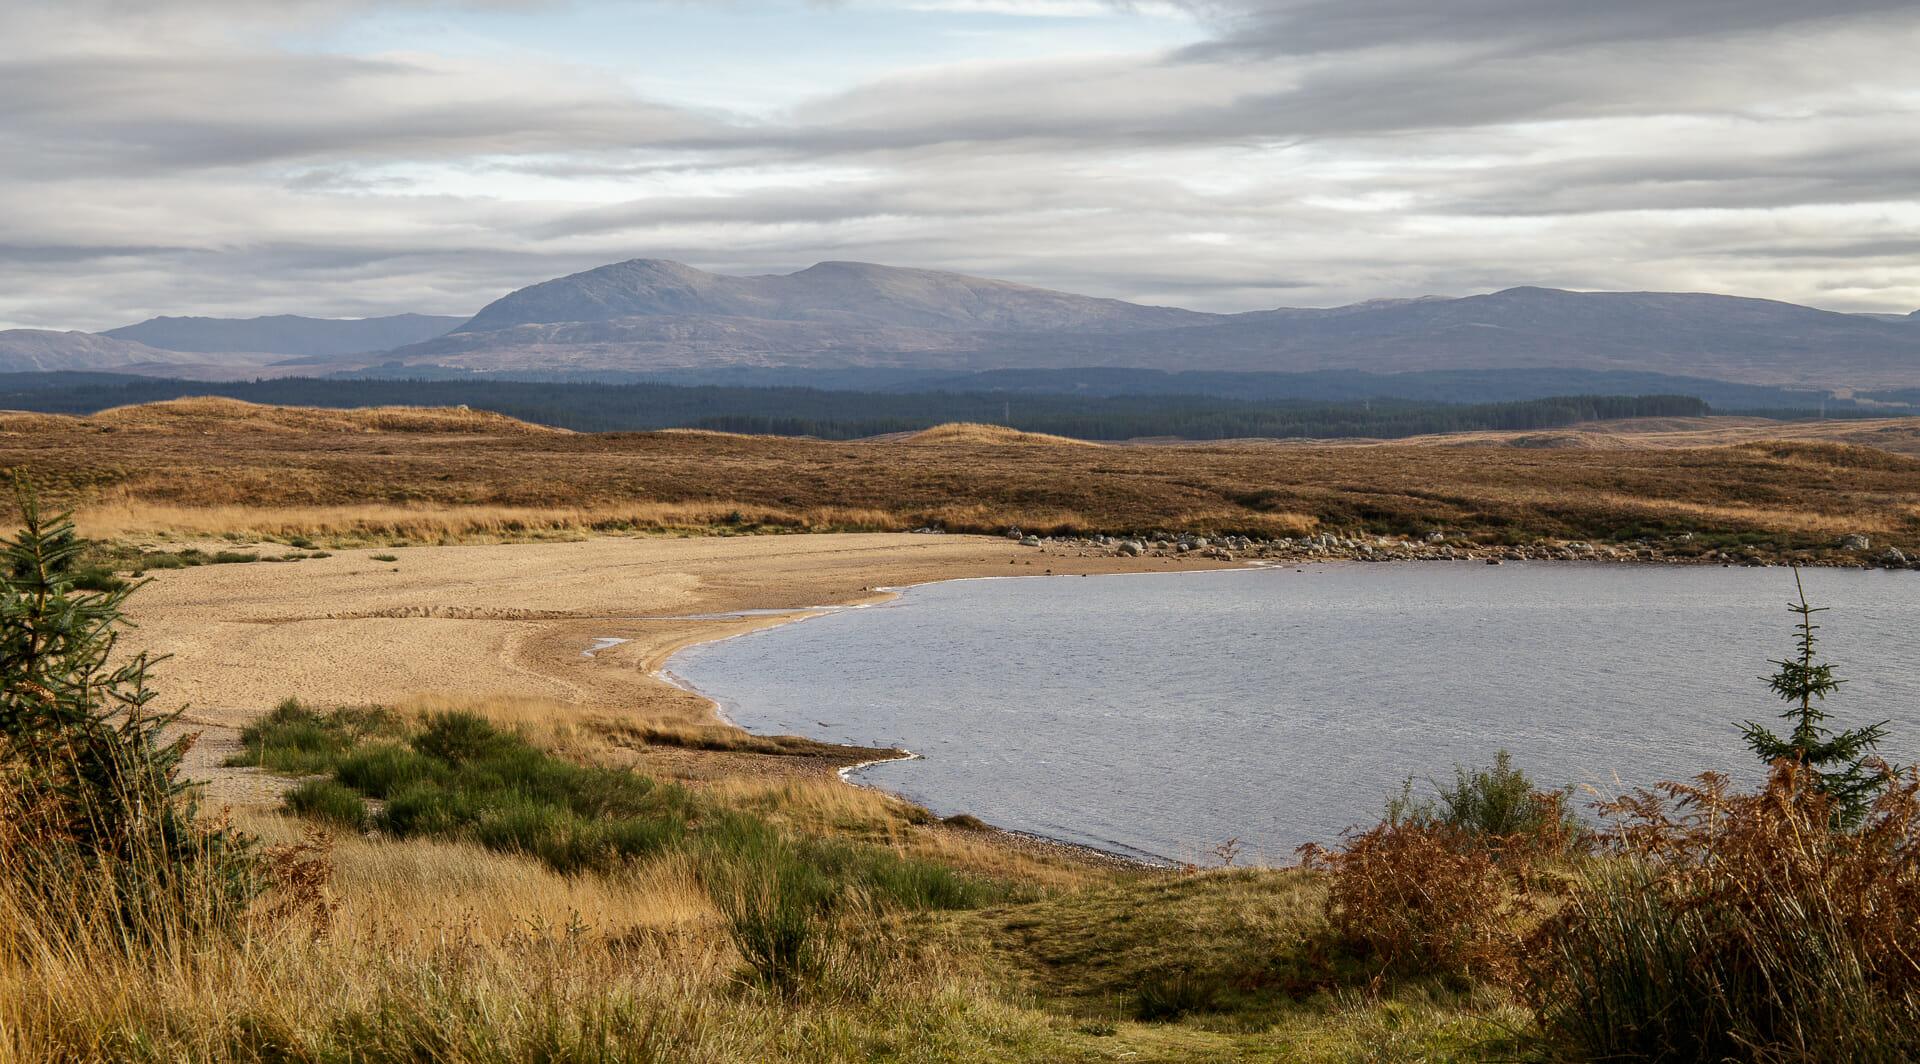 Loch Laidon vom Weg aus gesehen